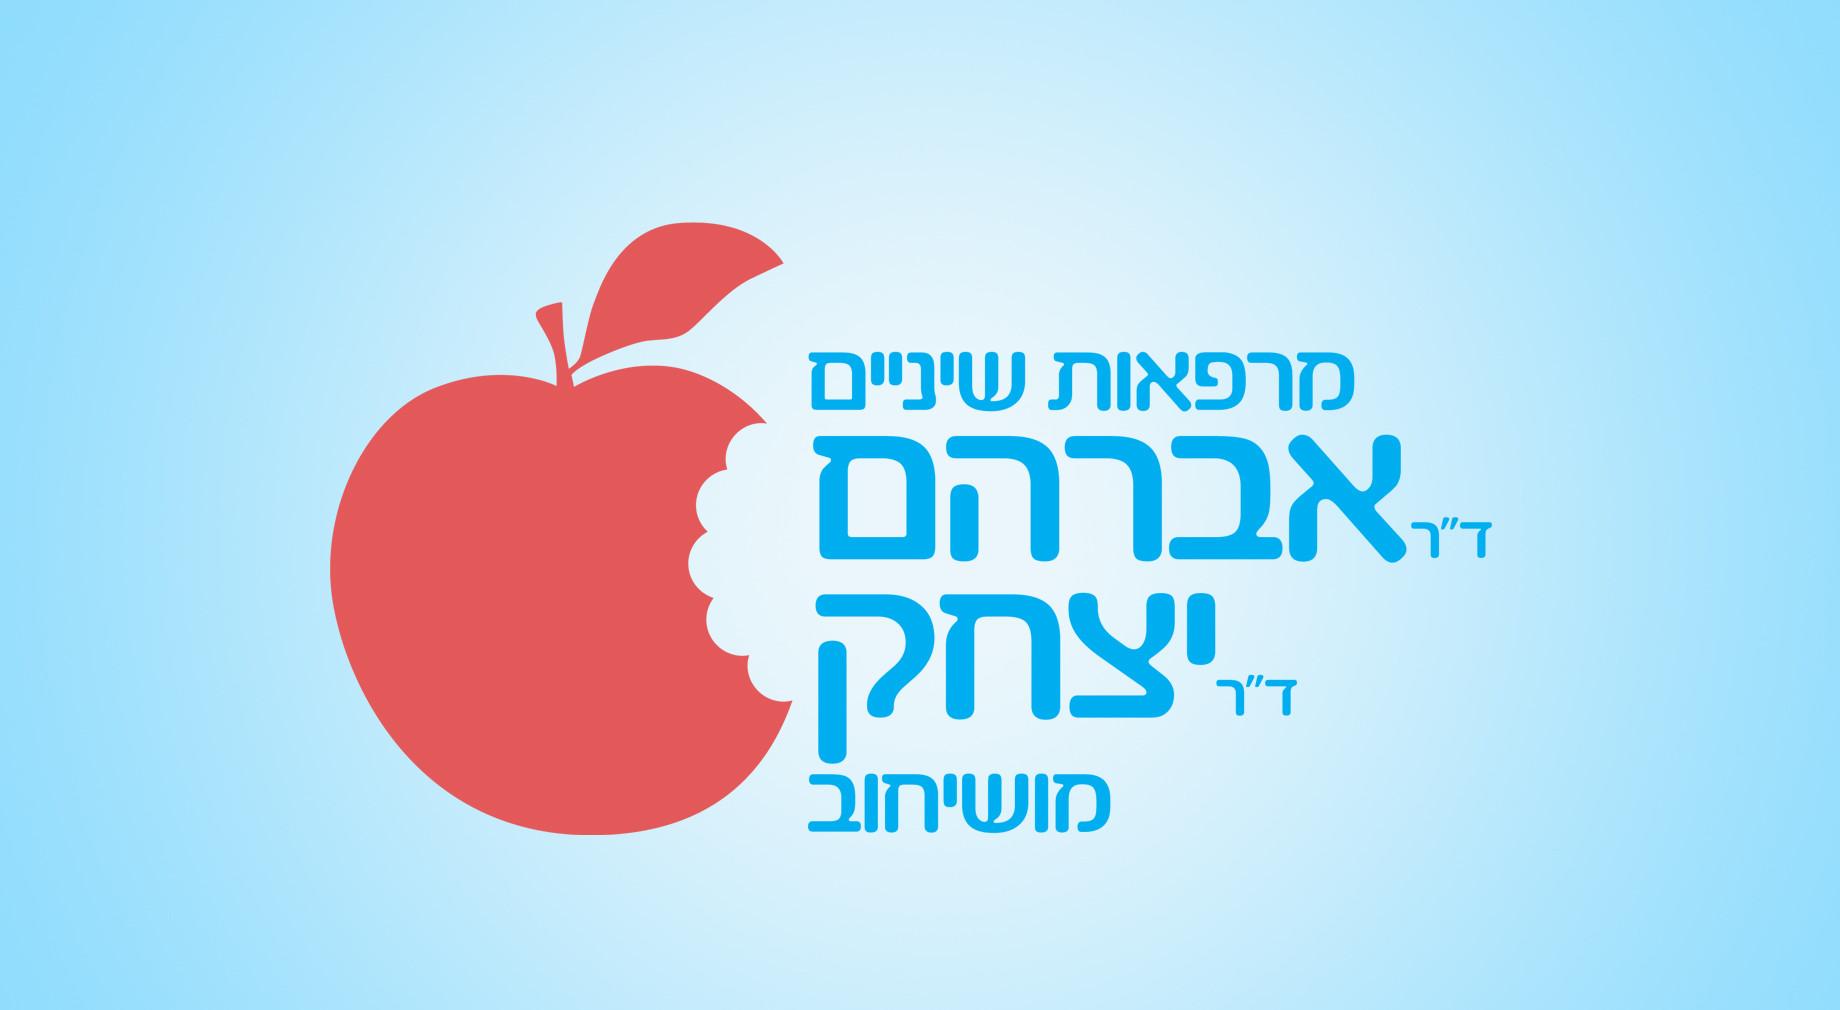 לוגו לרשת מרפאות שיניים